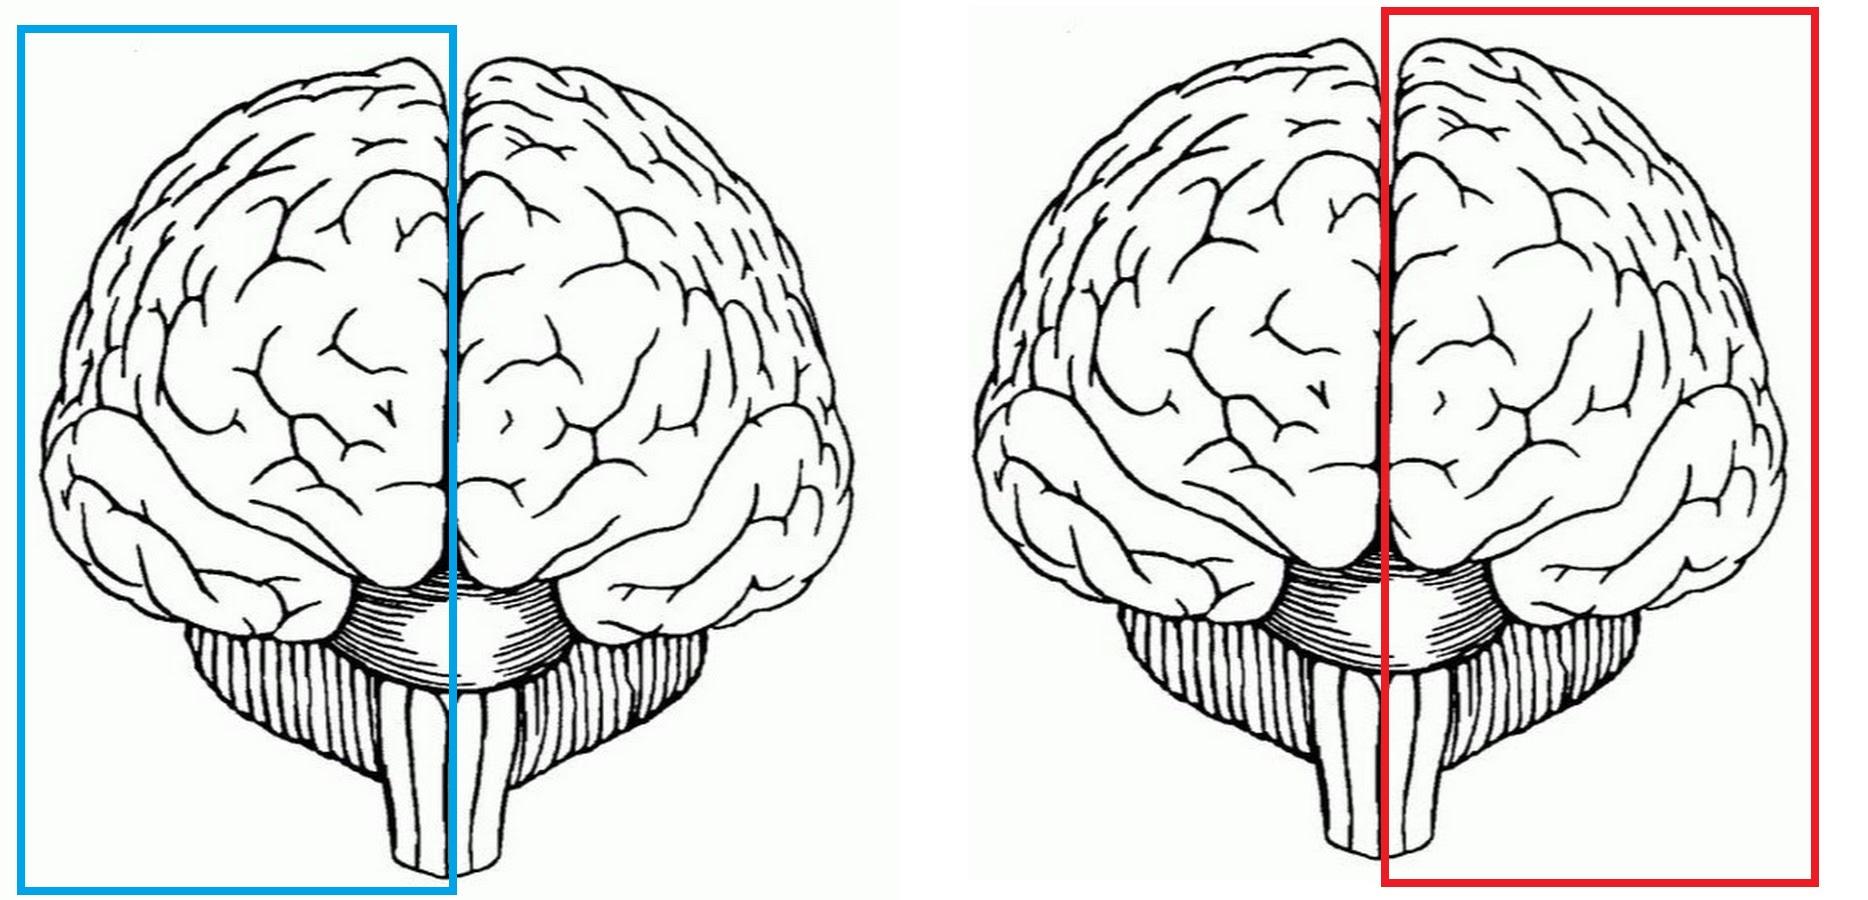 Инструкция по переносу своего сознания на цифровой носитель - 2